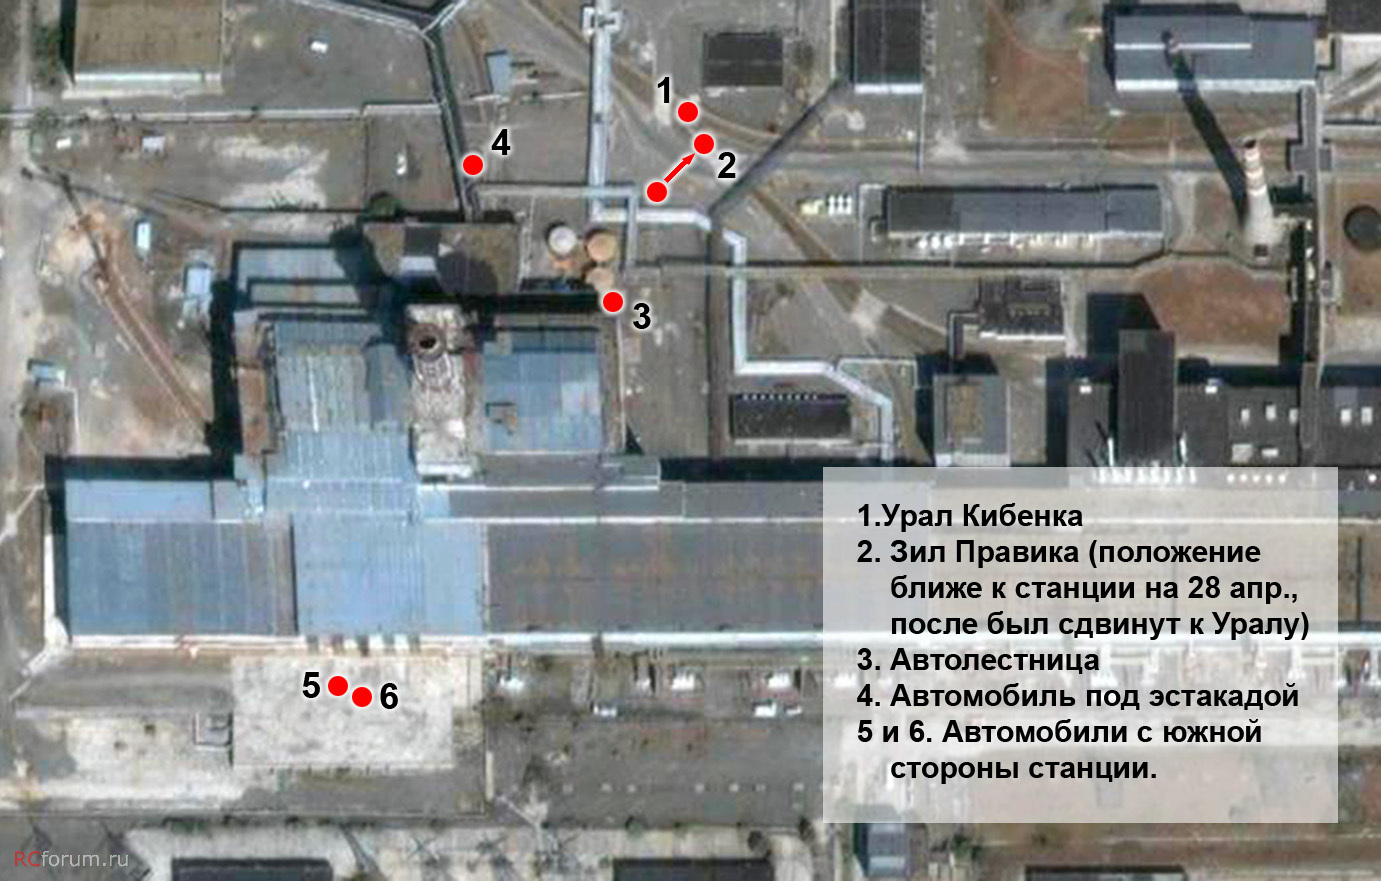 A kép jól összegzi a hajnali két órás állapotot. Az 1-es 2-es szám a pripyati és csernobili tűzoltók gépjármű fecskendőinek helyét jelzik, a 3-as szám a magasból mentő pozicióját, a 4-es a szivattyúbázis, az 5-6 pedig az erőmű tűzoltóságának Zil 133G és Zil 130-as gépjárműfecskendőinek helyét mutatják.